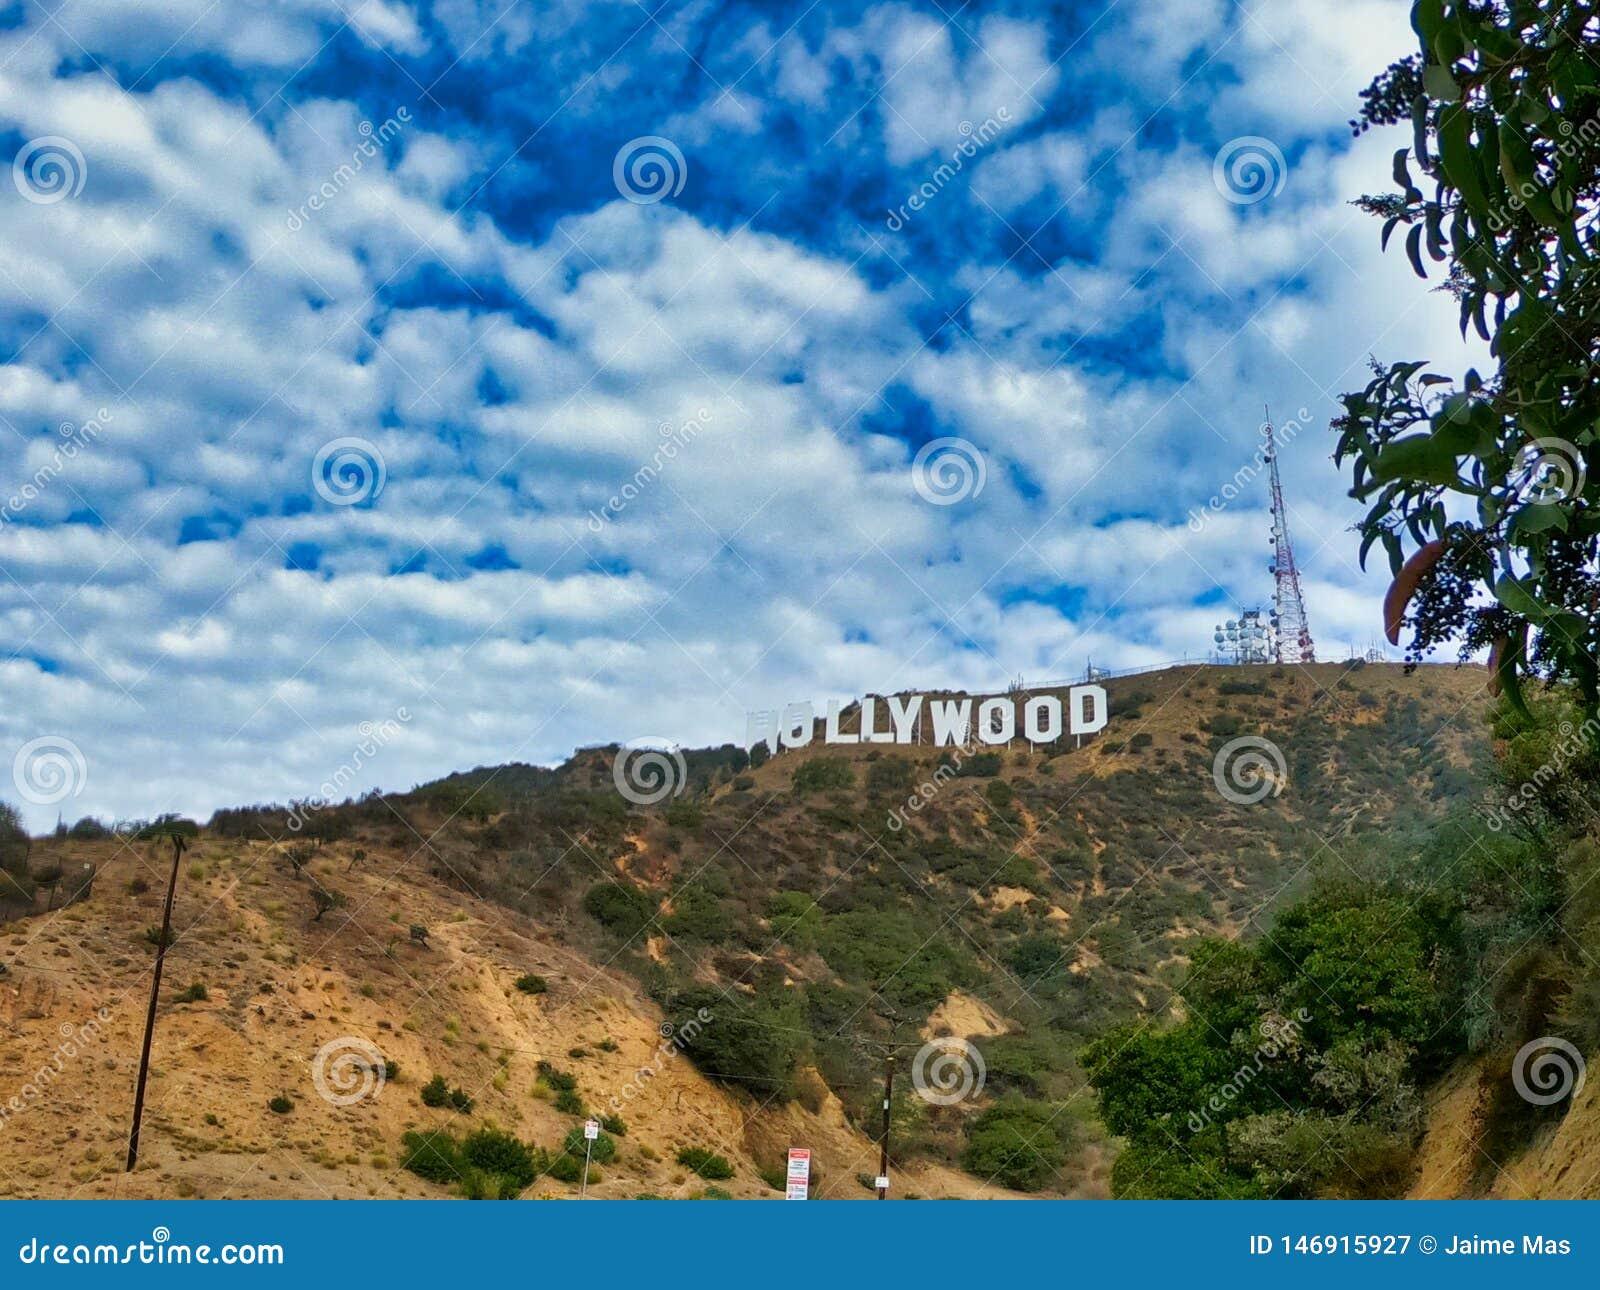 Deve ver na cidade de Los Angeles, Califórnia